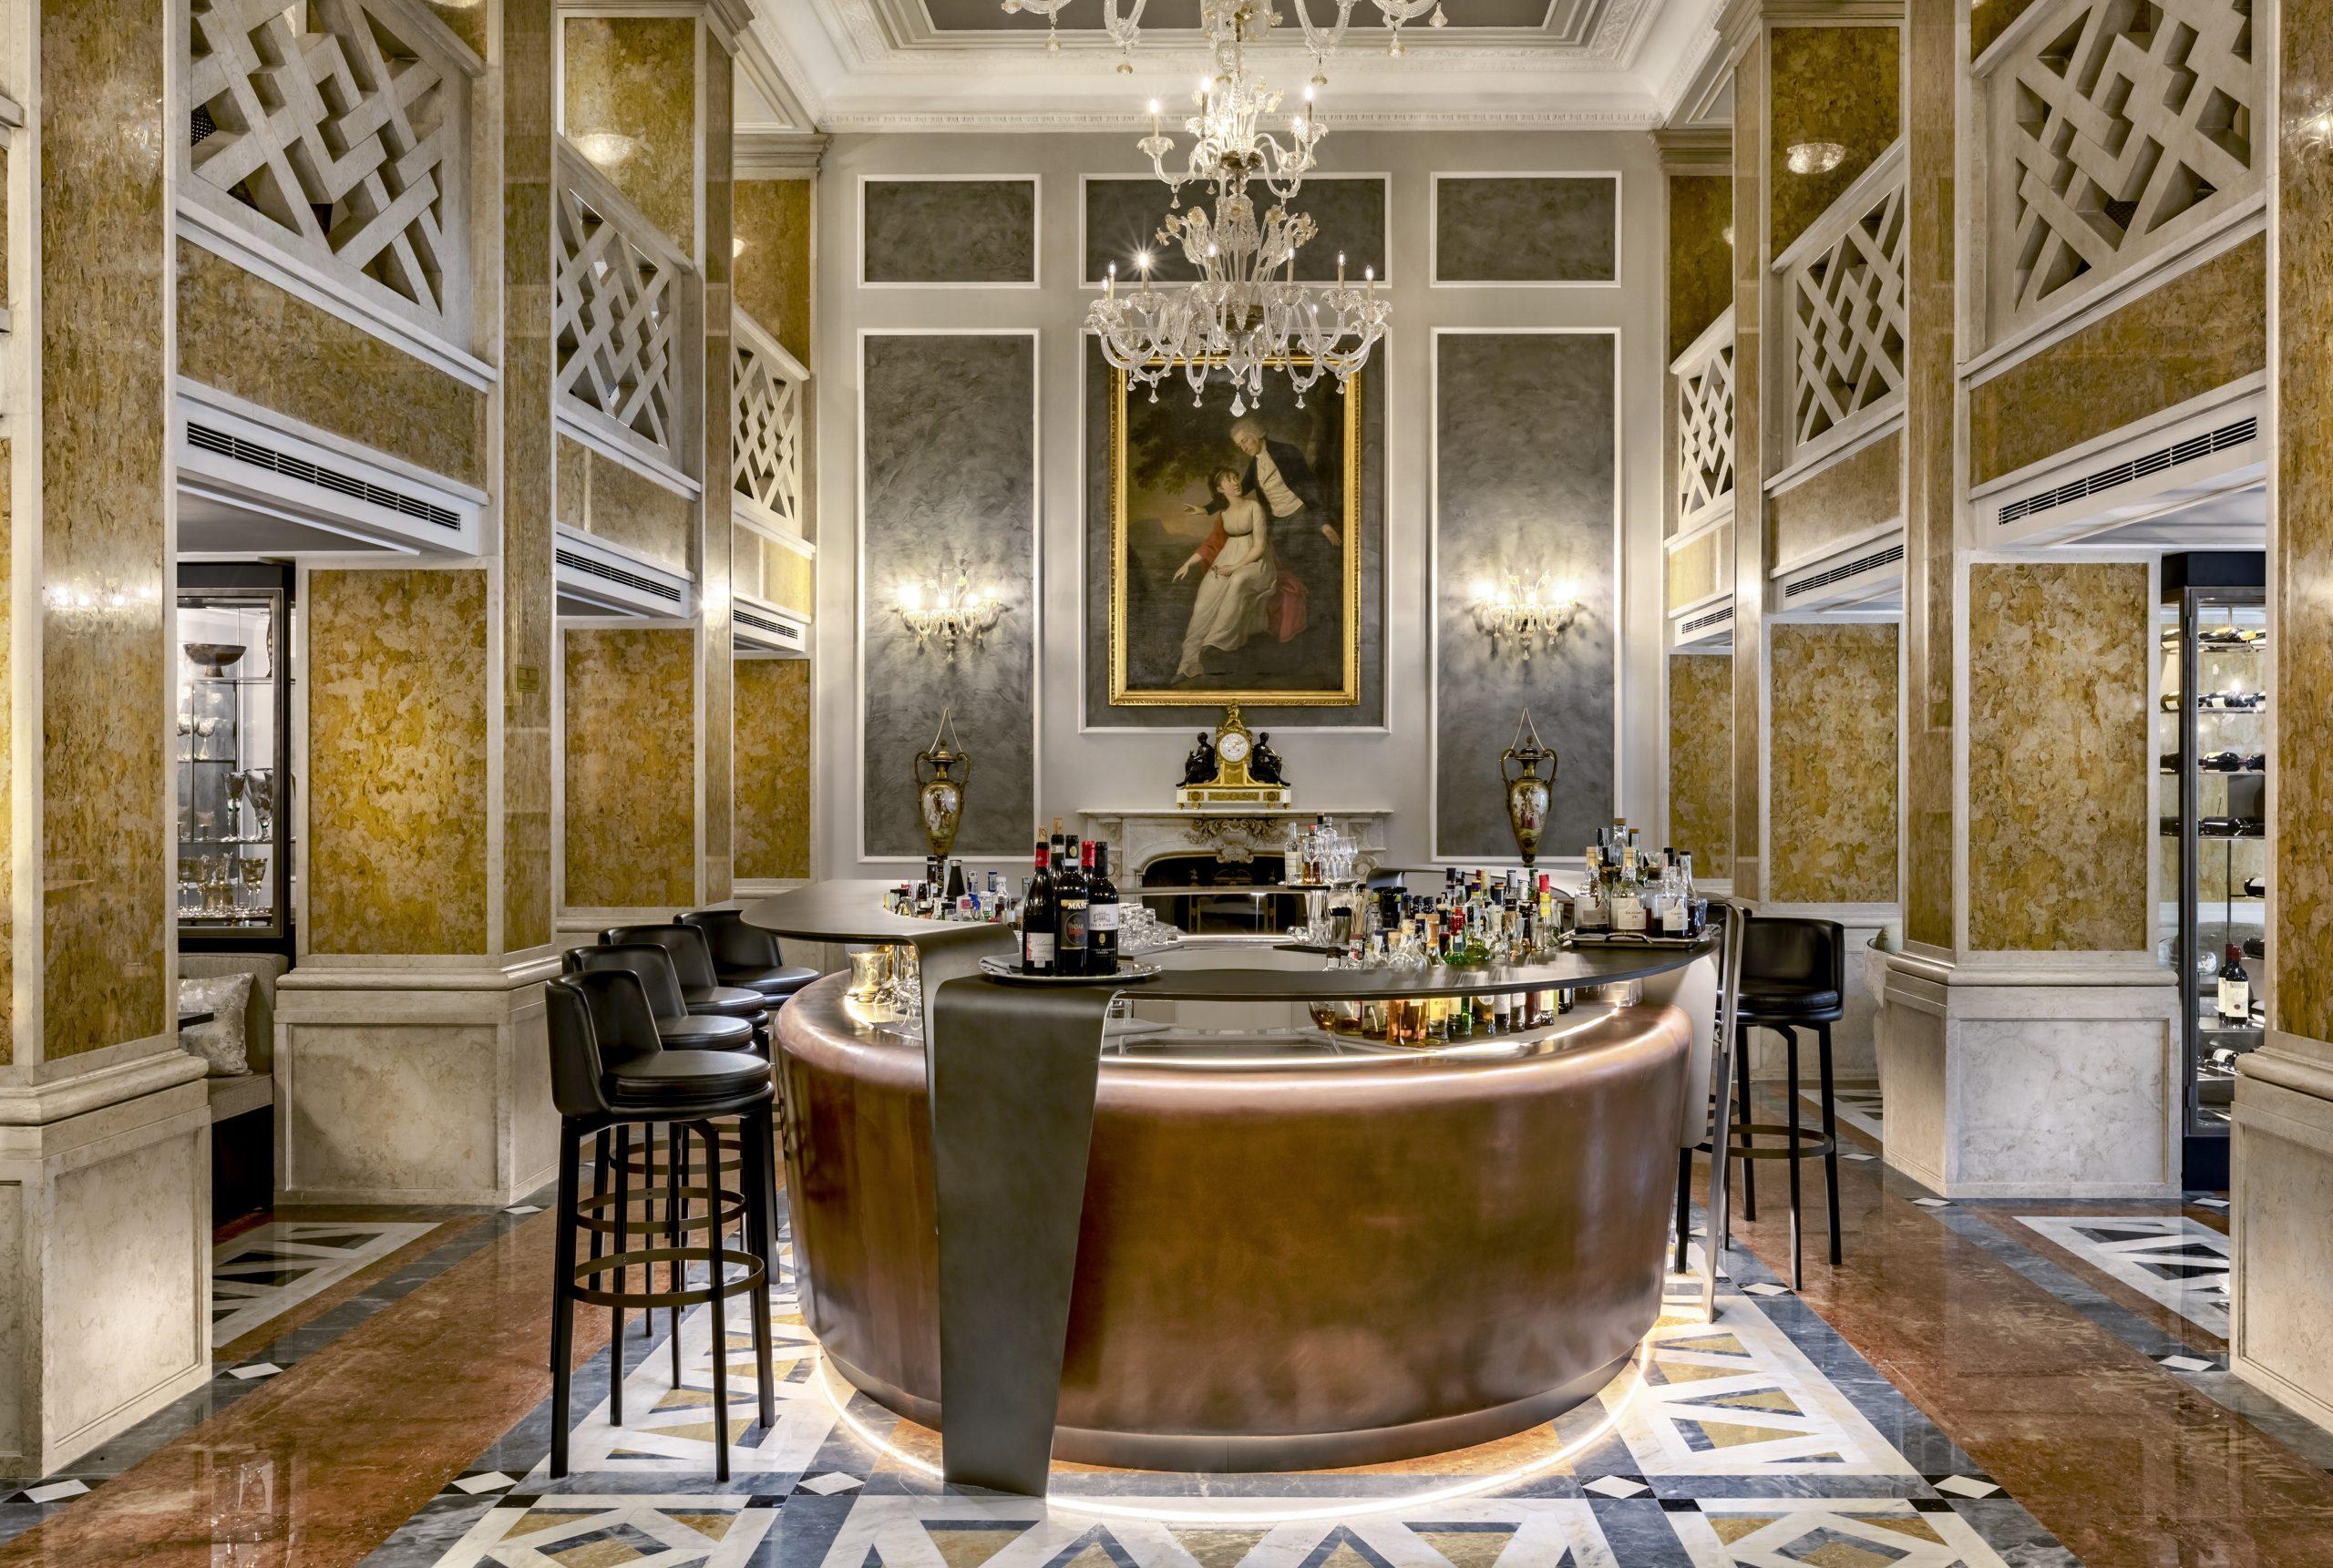 Baglioni Hotel Luna BAR - Venezia - foto Francesca Anichini